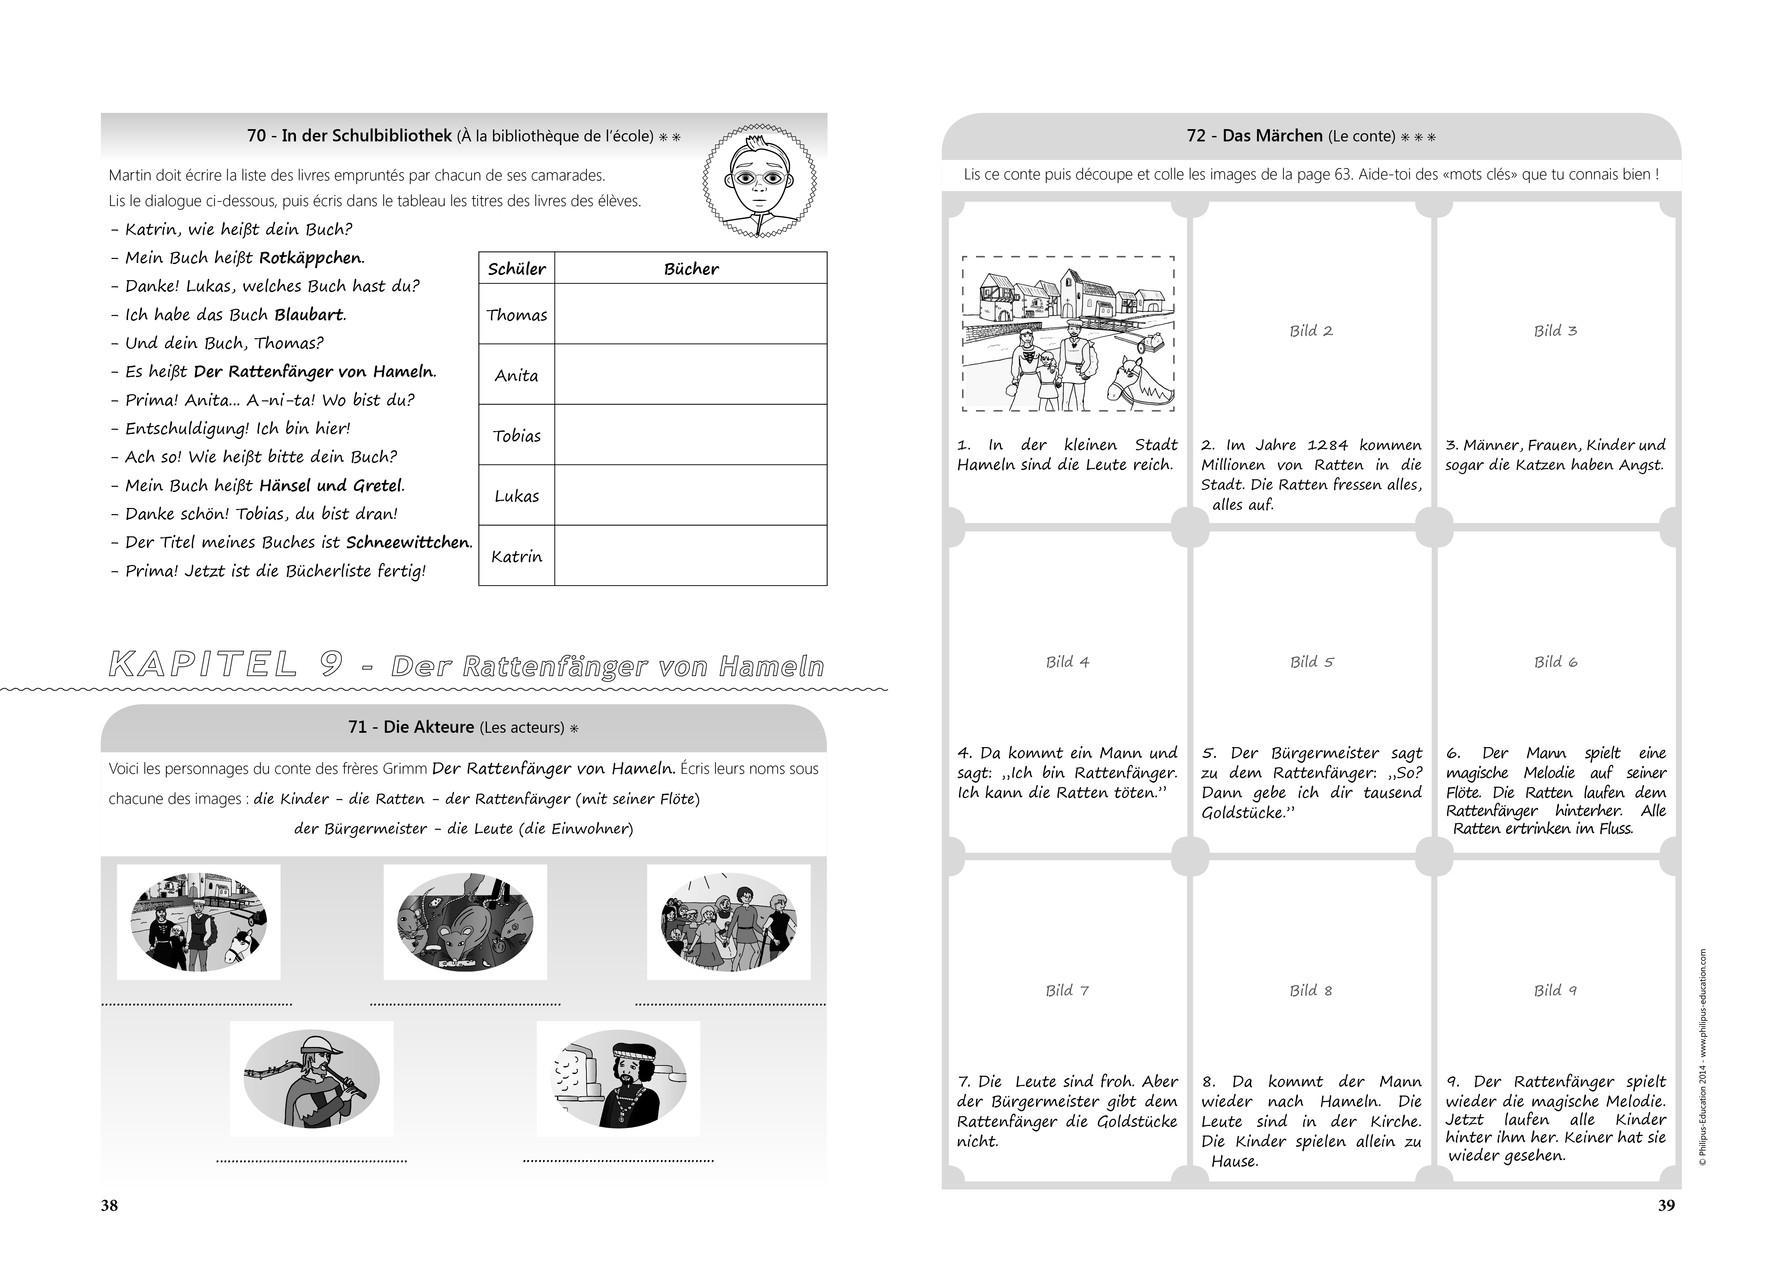 Extrait du cahier d'entraînement KWS A1.2 (123 Übungen und Spiele)